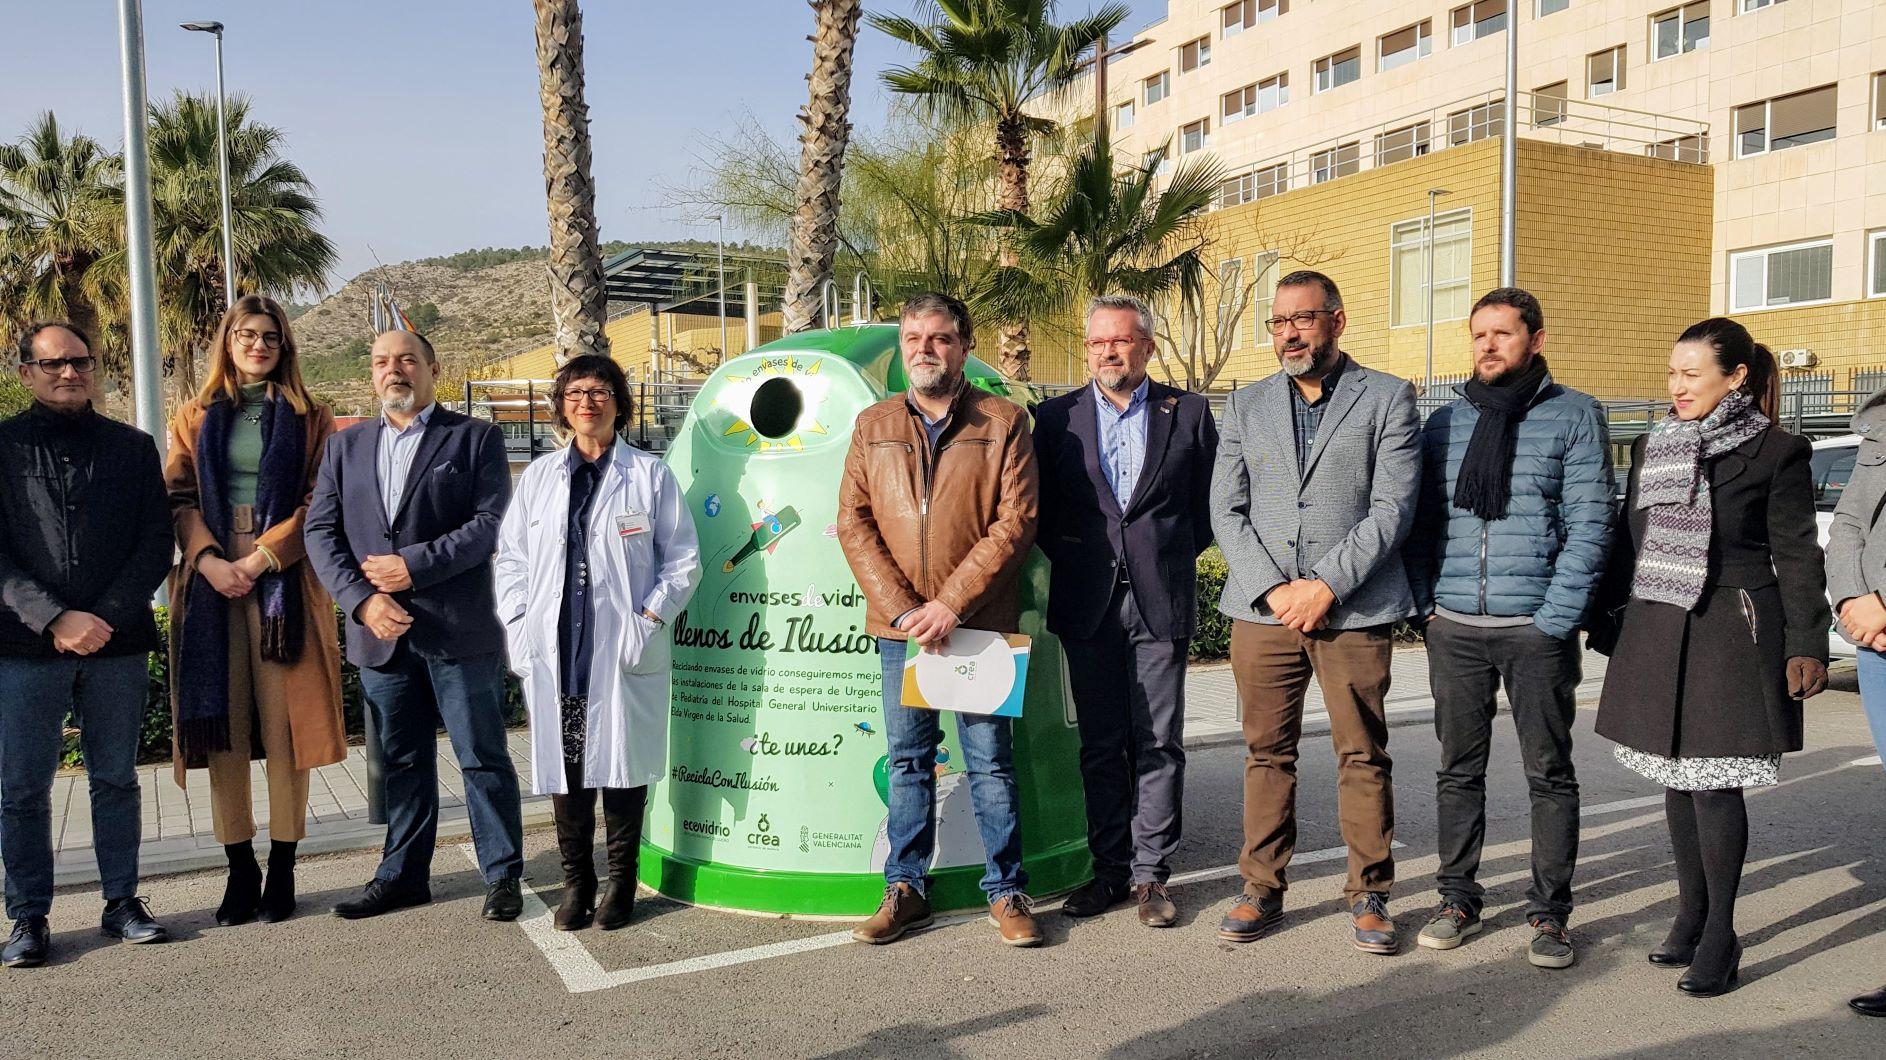 Elda contribuye en la campaña 'Llenos de Ilusión' para mejorar la sala de espera de Urgencias Pediátricas del Hospital Virgen de la Salud